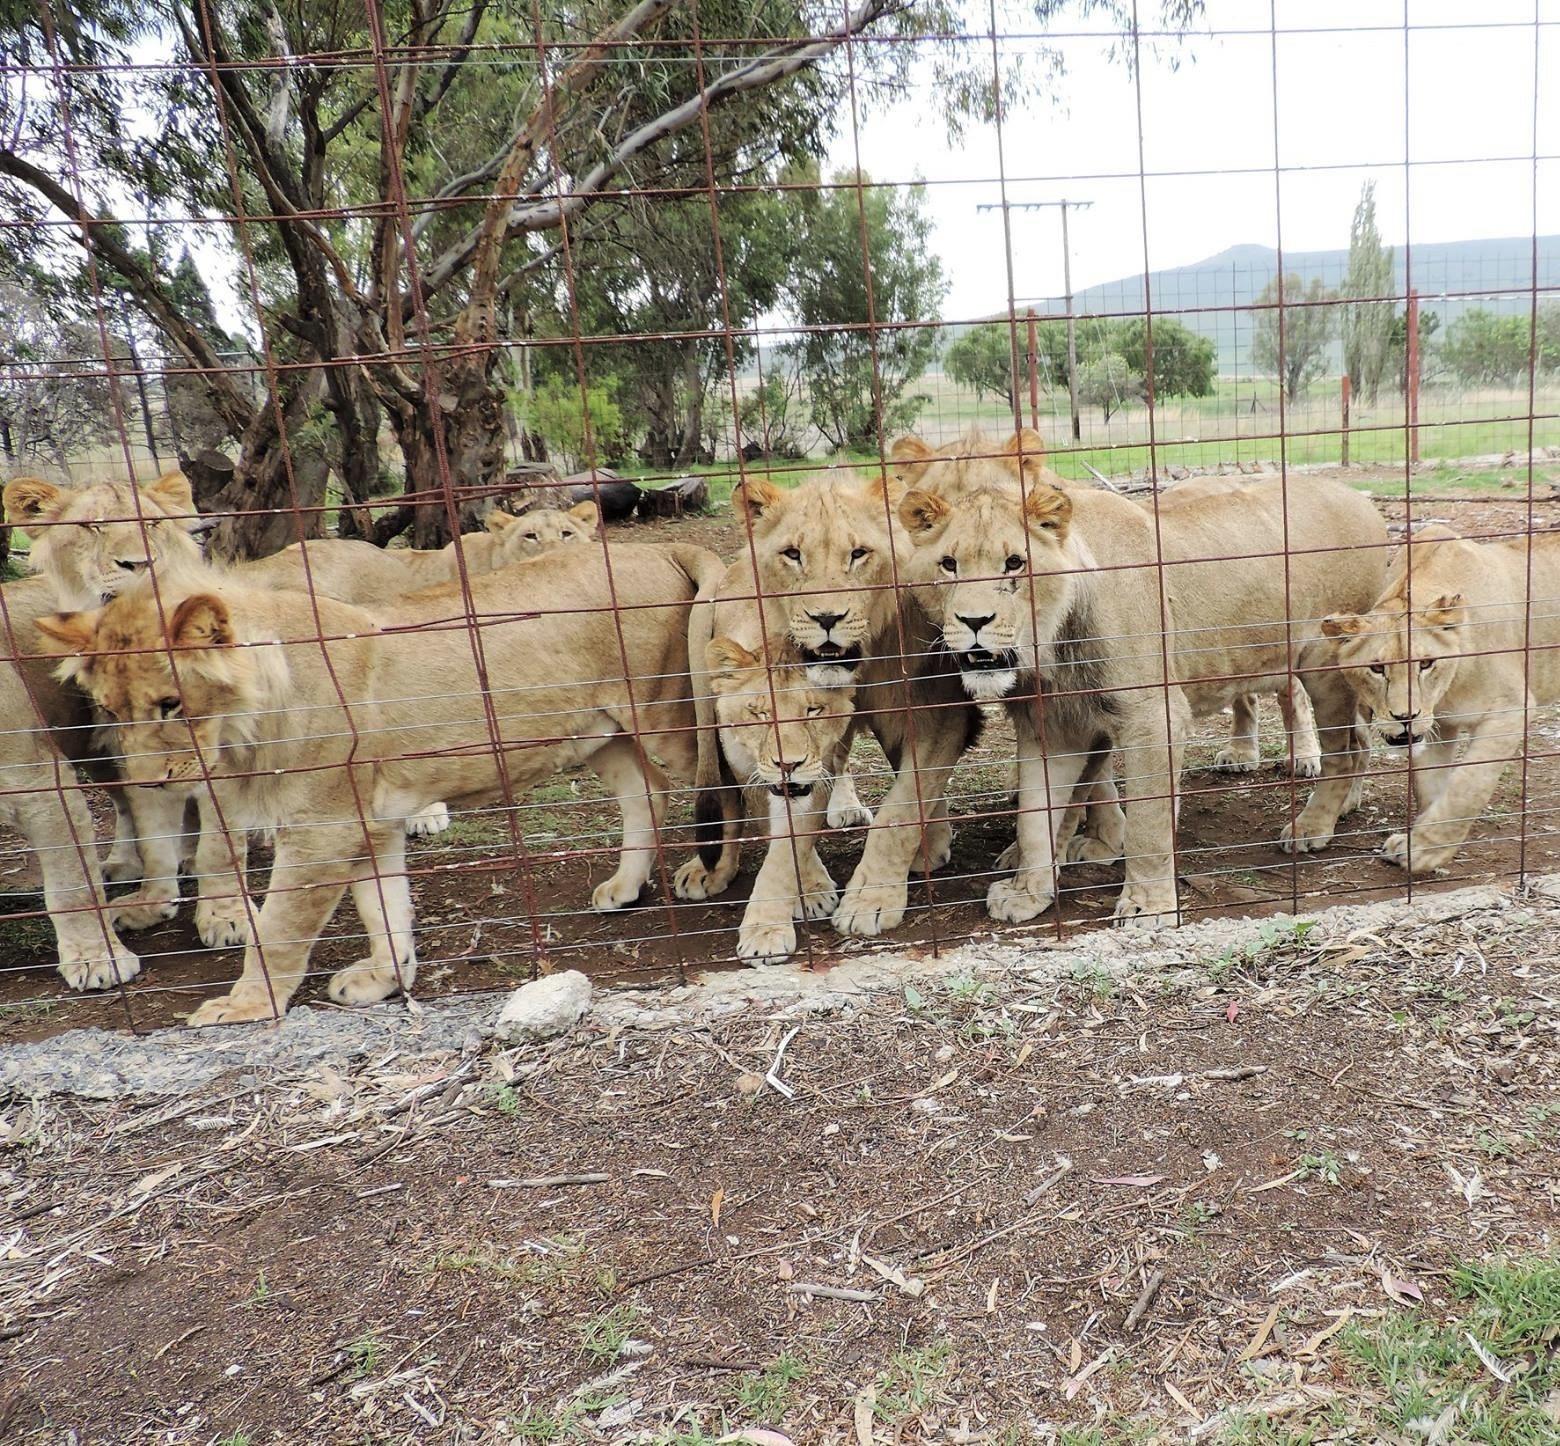 Il Sudafrica ha una popolazione di leoni in cattività che potrebbe contare 12mila individui. In aggiunta ai dilemmi etici sul destino di questi animali, molti conservazionisti ritengono che i leoni allevati rappresentino una minaccia genetica anche per i leoni selvatici.